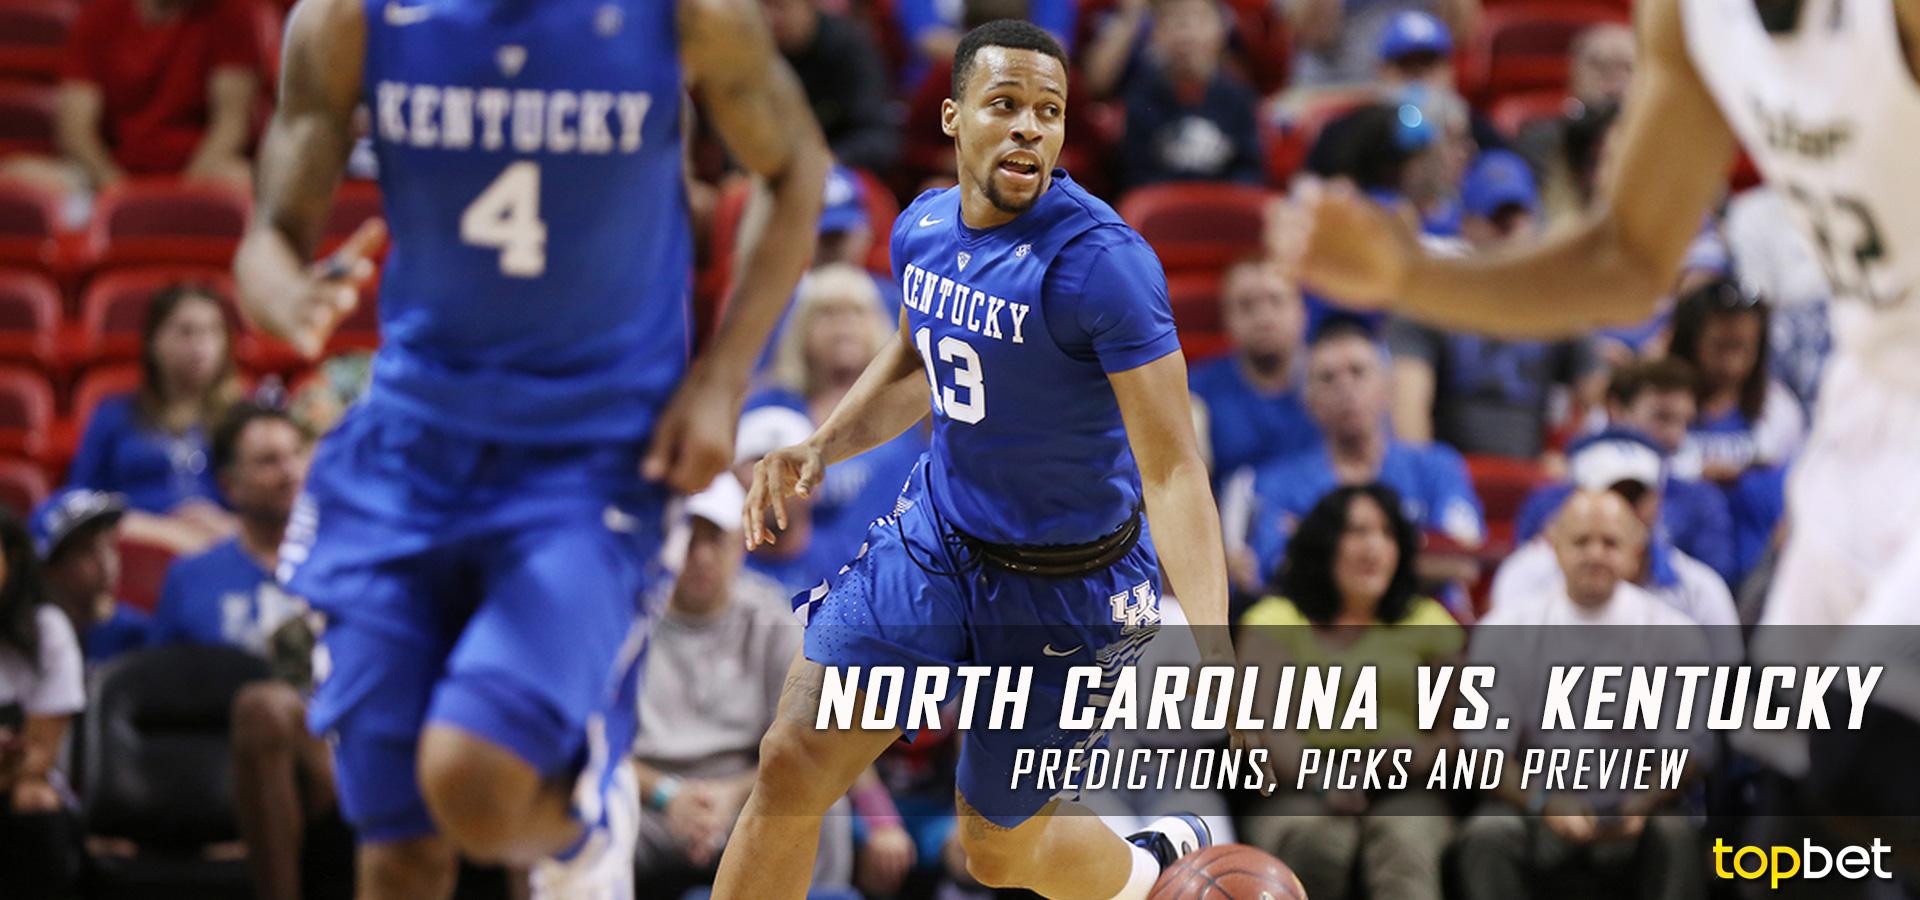 Kentucky Wildcats Basketball 2016 17 Season Preview: North Carolina Vs Kentucky Basketball Predictions & Preview